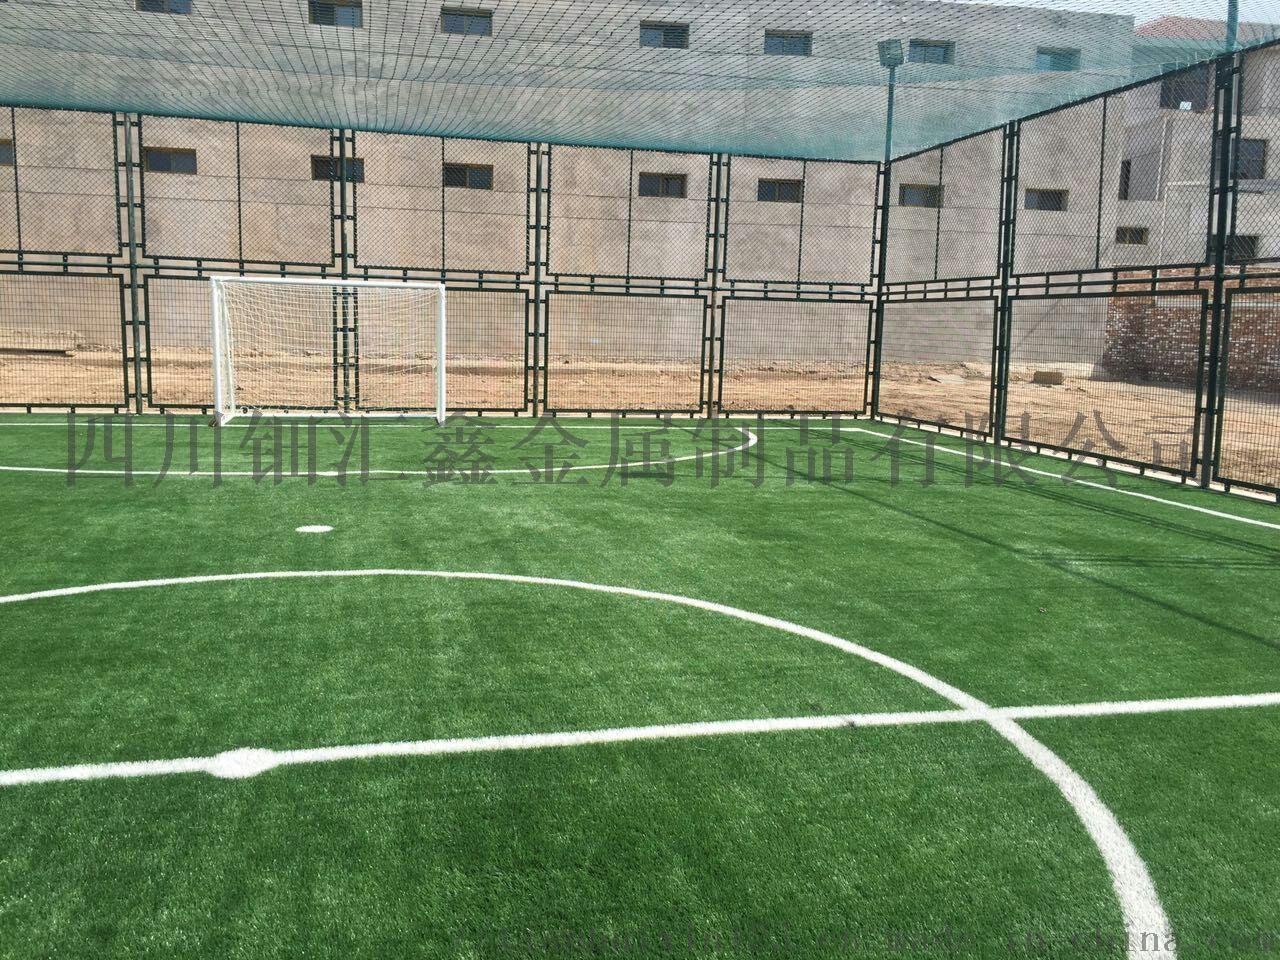 人工草坪模擬草坪圍擋學校足球場人造草坪鋪設58722322